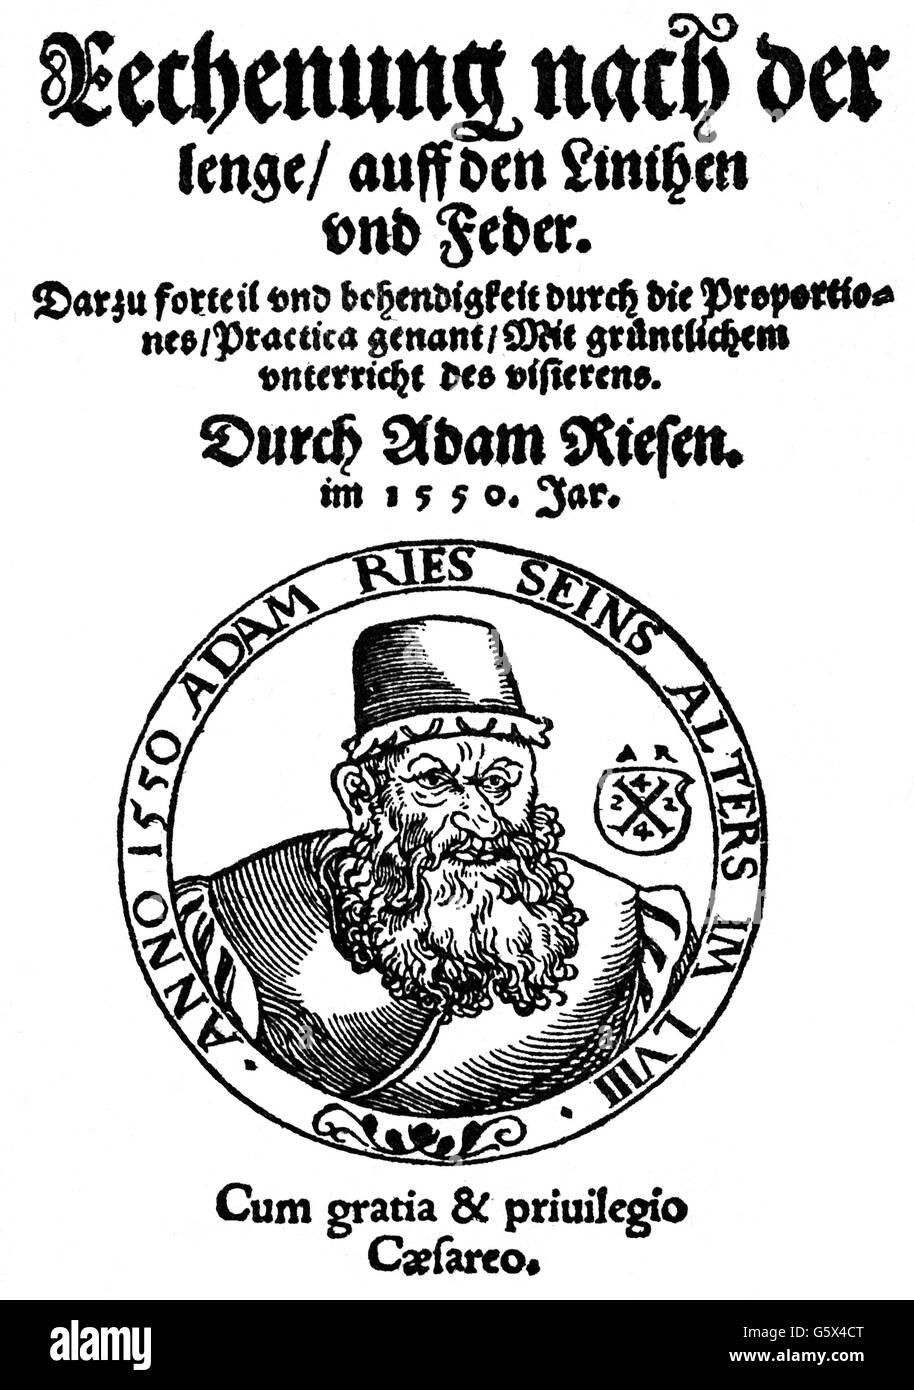 Ries, Adam, 27.3. 1492 - 30.3.1559, German arithmetician, works, 'Rechenung nach der lenge suff den Linien und - Stock Image